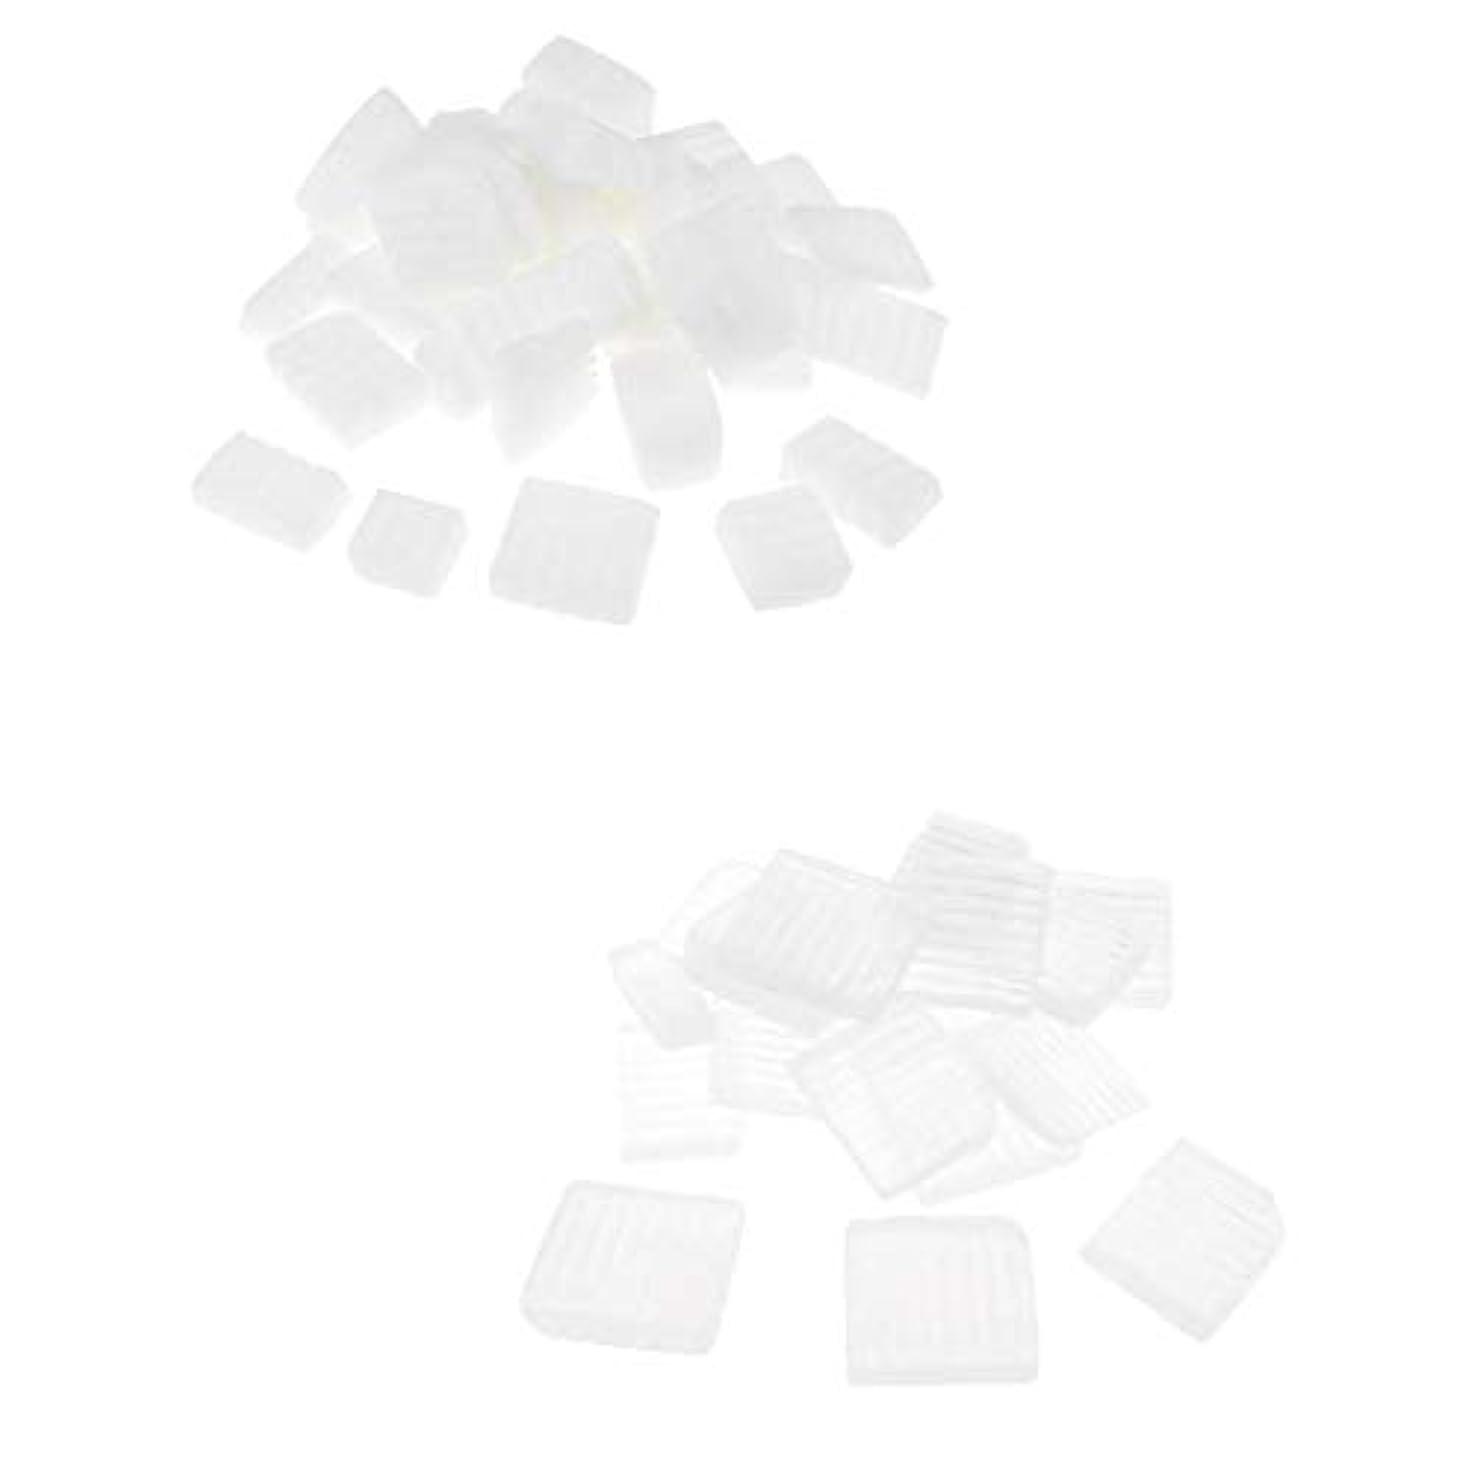 スライス取り扱いのぞき見Perfeclan 固形せっけん ホワイト透明 手芸 バス用品 手作り ハンドメイド 石鹸製造 安全健康 2種混合